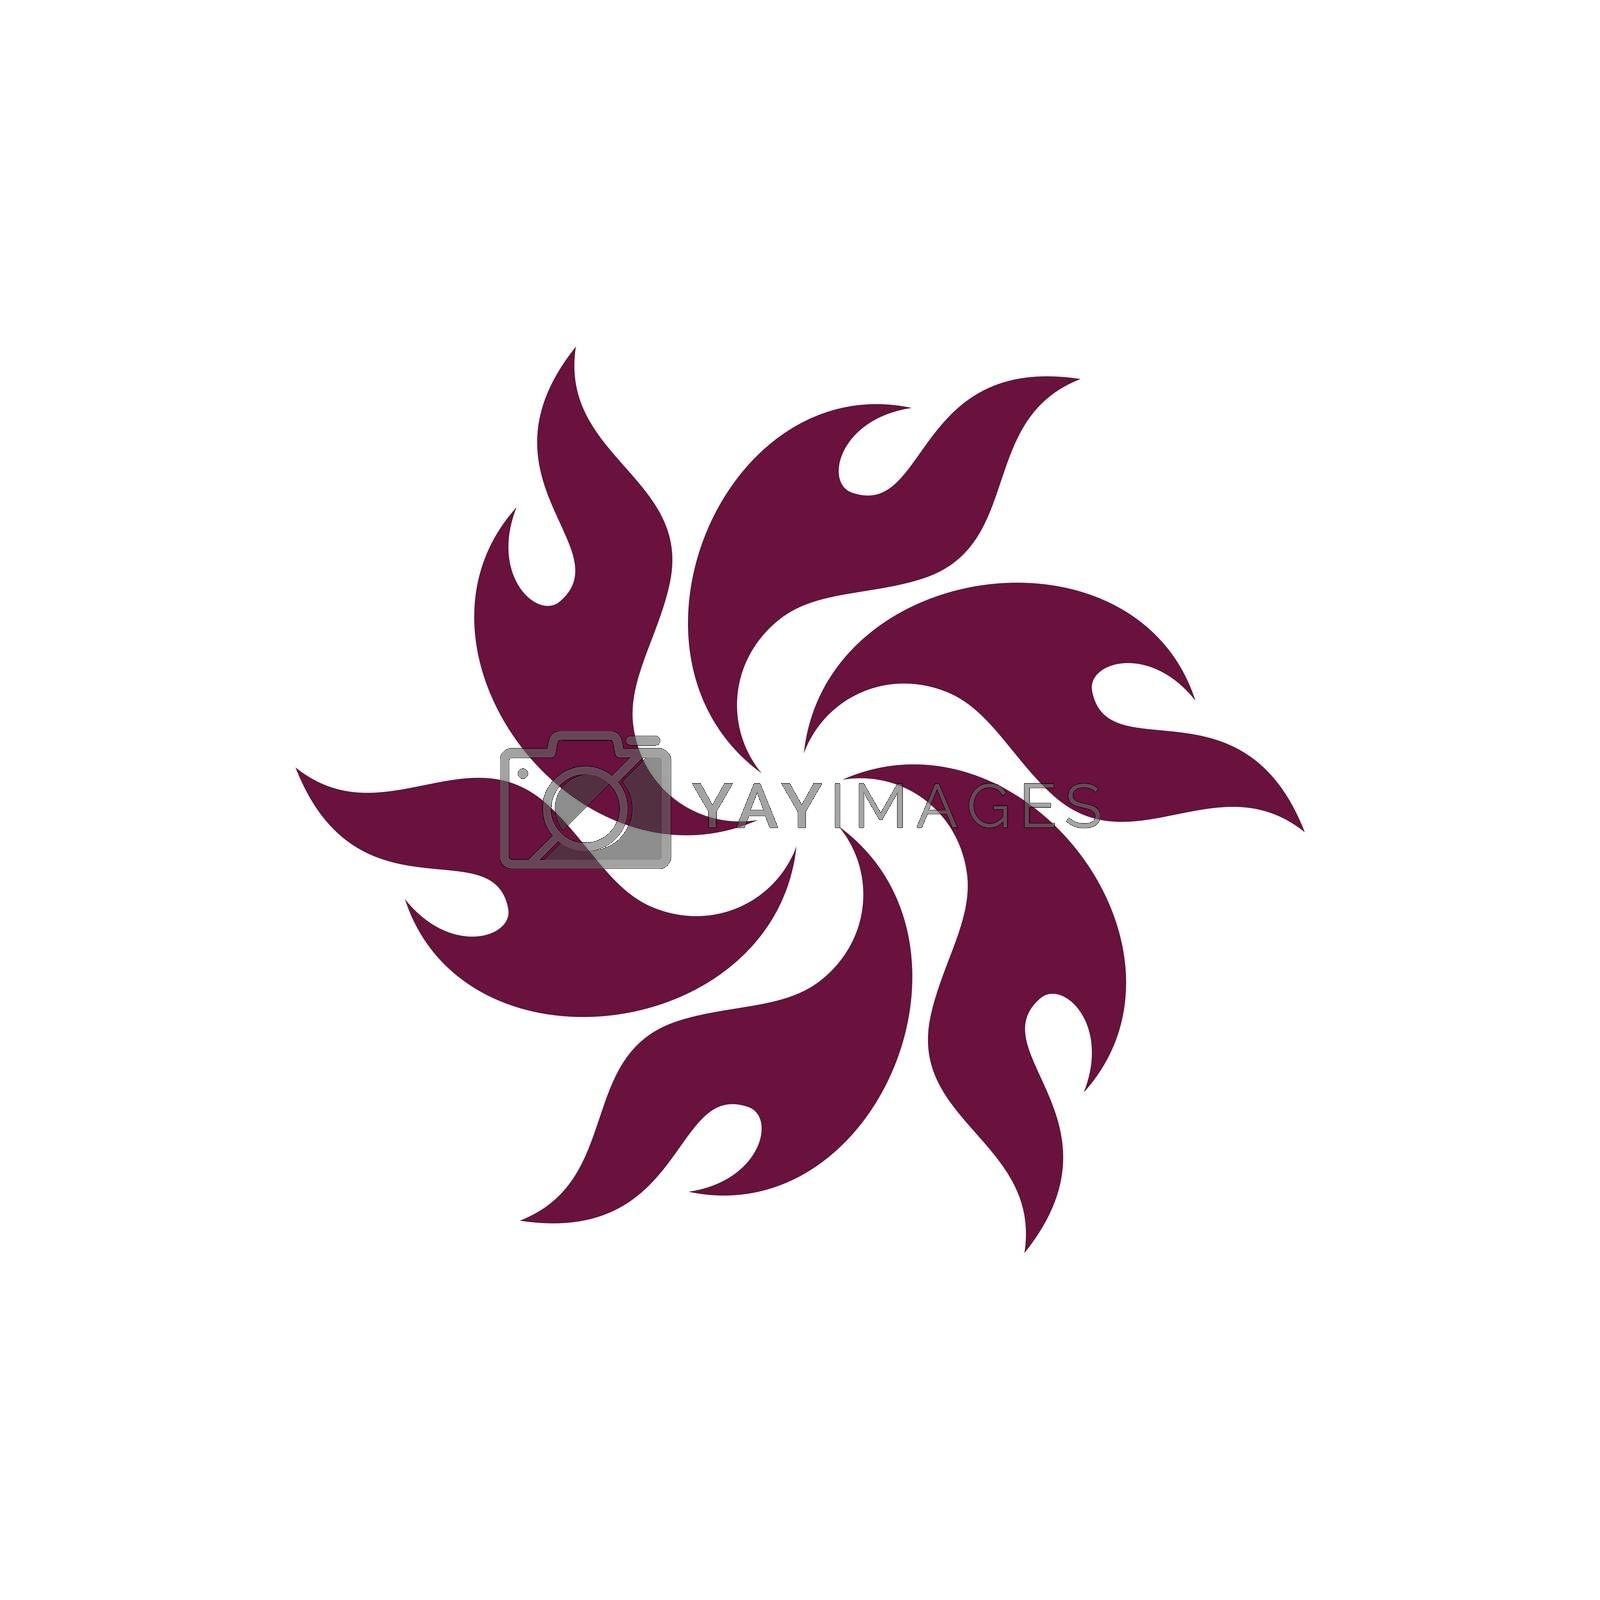 Burgundy Color Flame Flower Logo Template Illustration Design. Vector EPS 10.